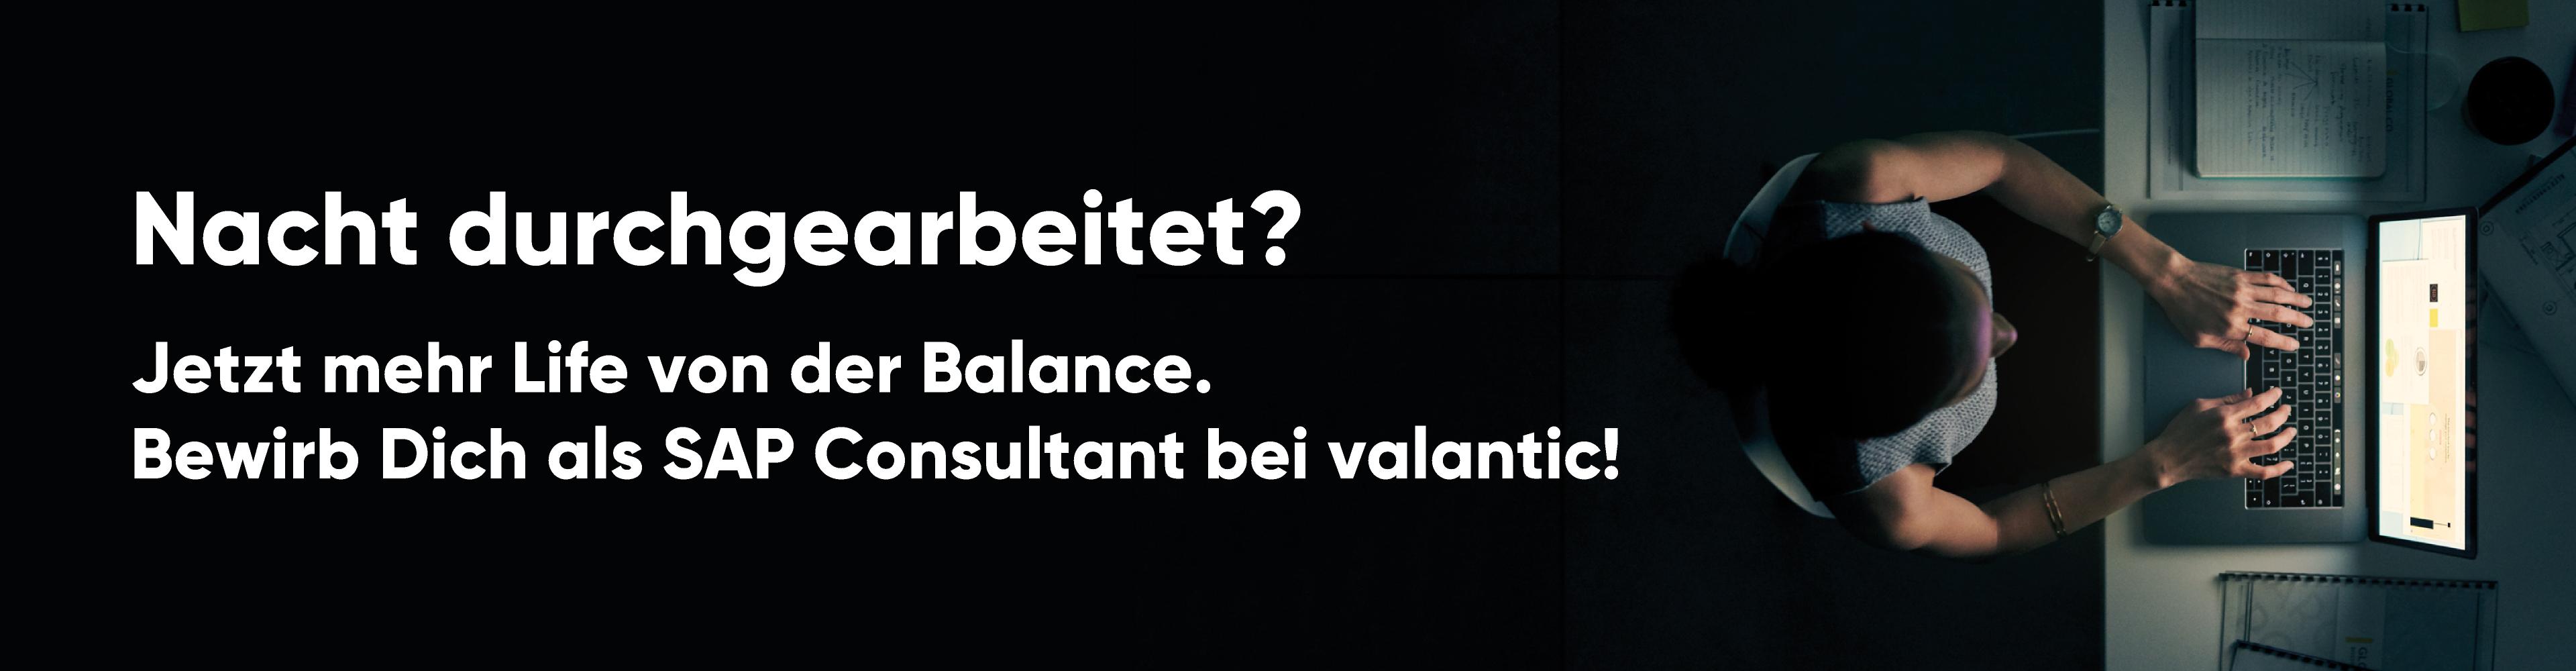 valantic-karriere-sap-consultant-m-w-d